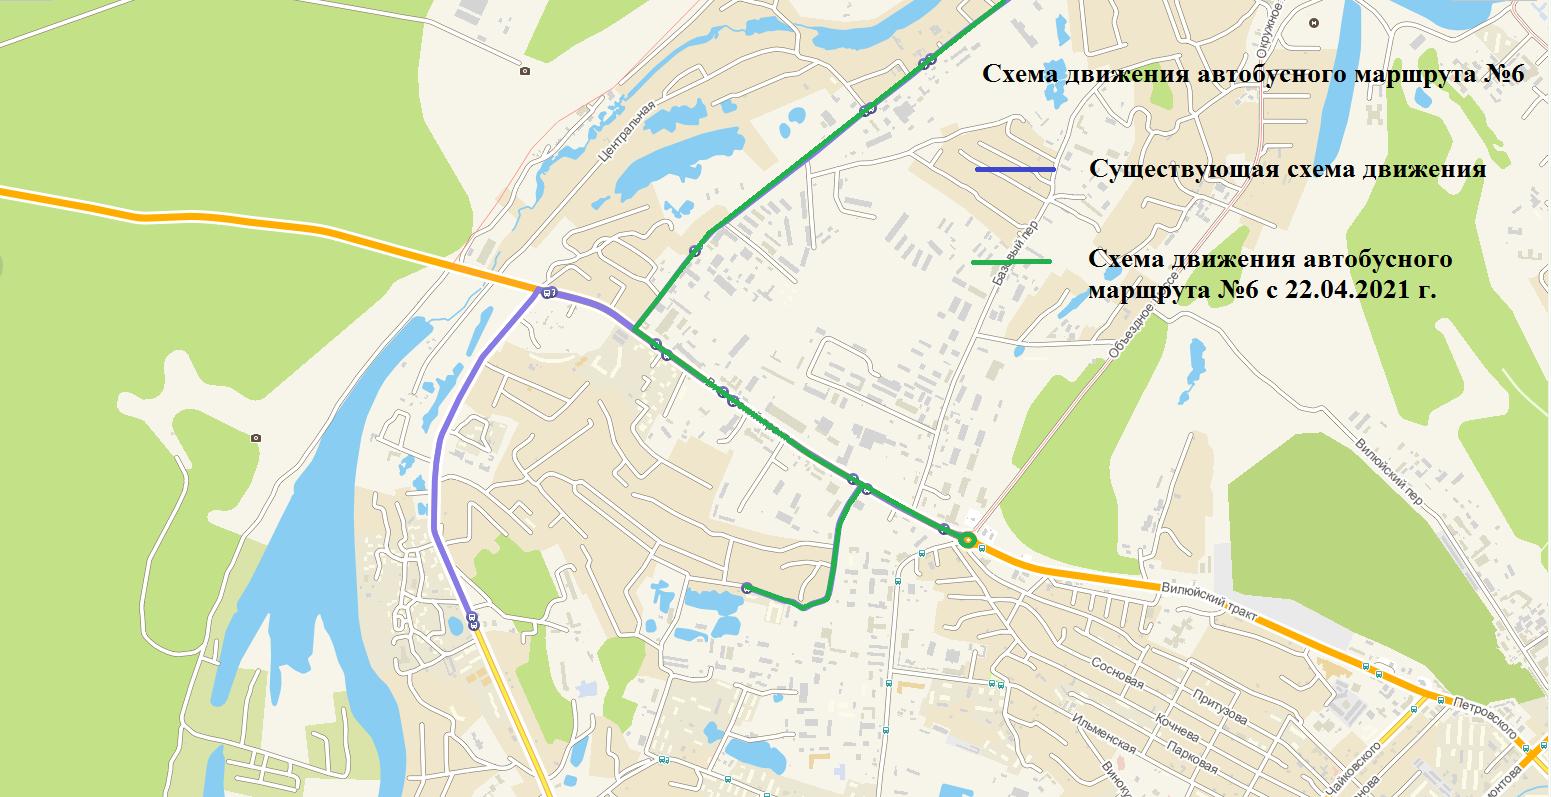 Об изменении схемы движения автобусного маршрута